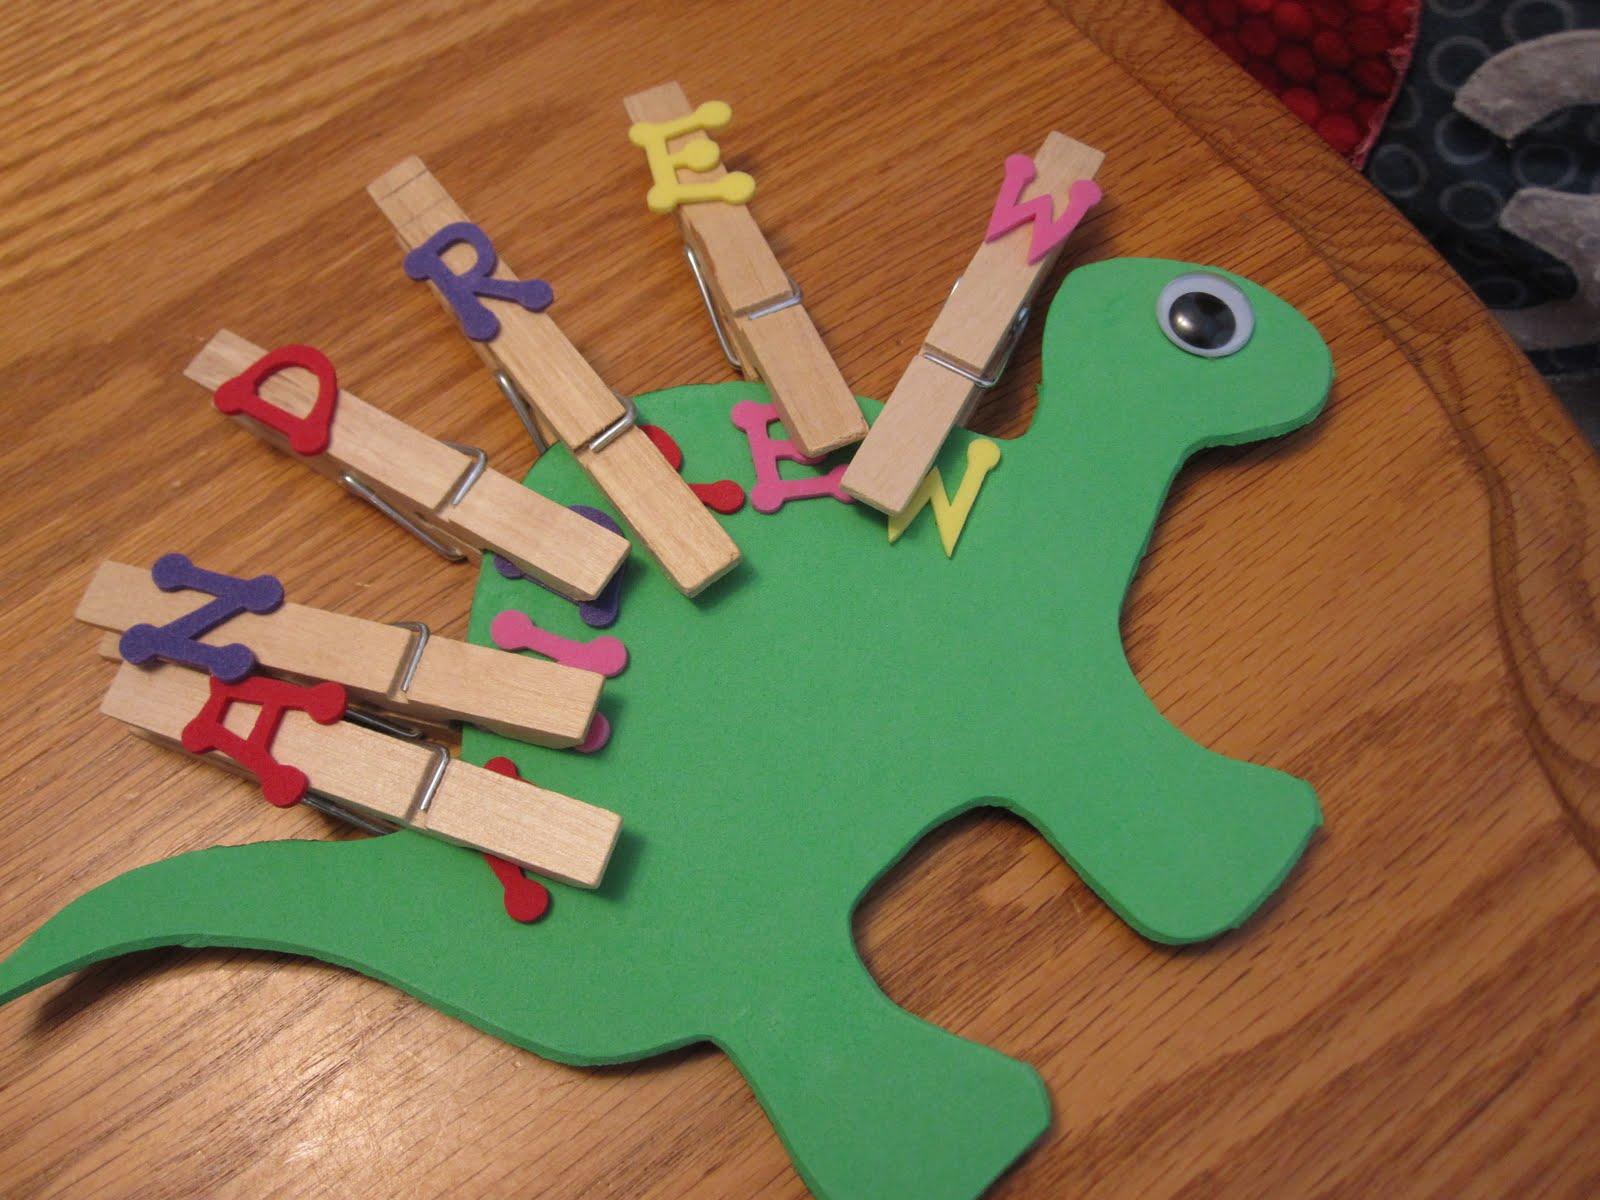 Обучающие игры с прищепками: учим написание слов, прищепки с буквами